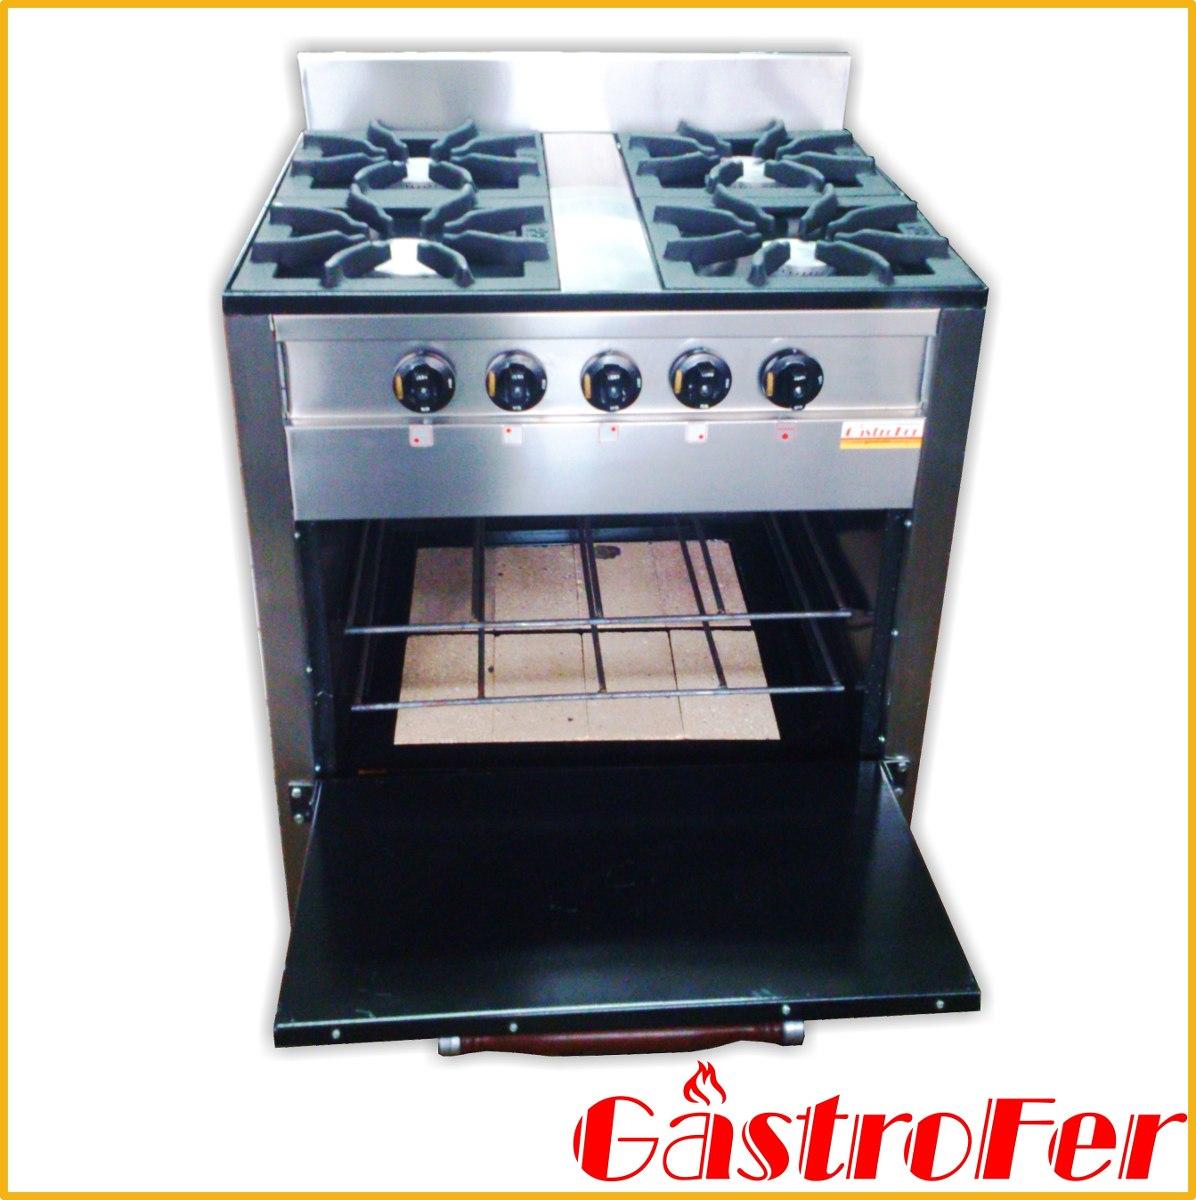 Cocina Industrial Familiar Pevi 4 Hornallas Acero Inox 70 Cm   789999 en MercadoLibre